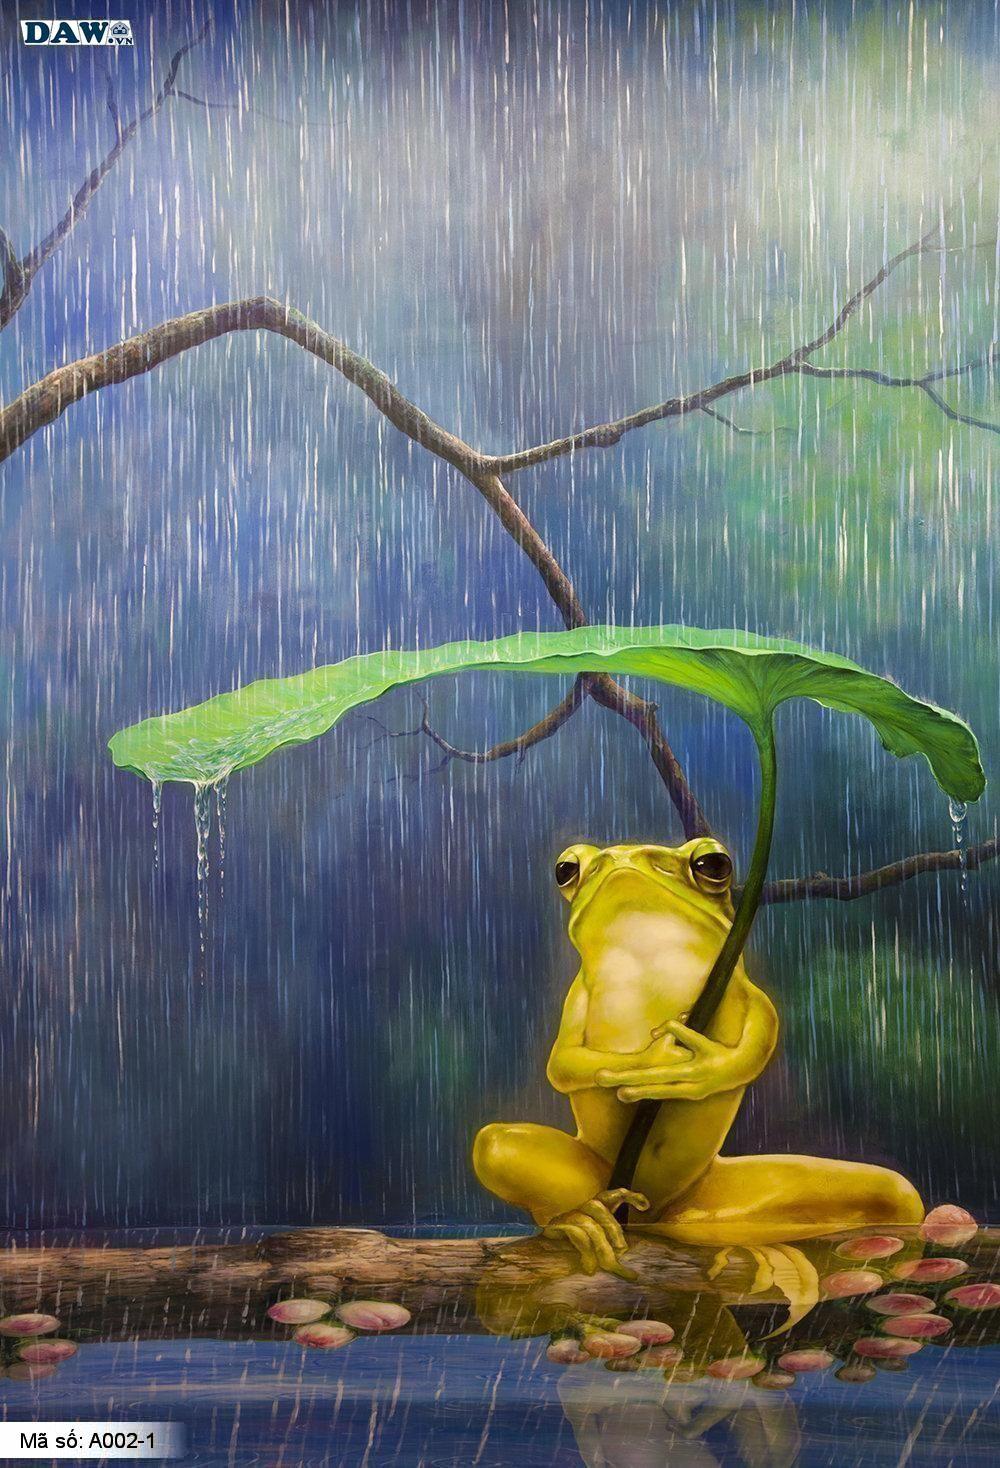 Tranh dán tường 3D, tranh dán tường Hàn Quốc, tranh ngọc A002-1, Chú ếch ngồi dưới tán lá cây, chú ếch ngồi dưới mưa